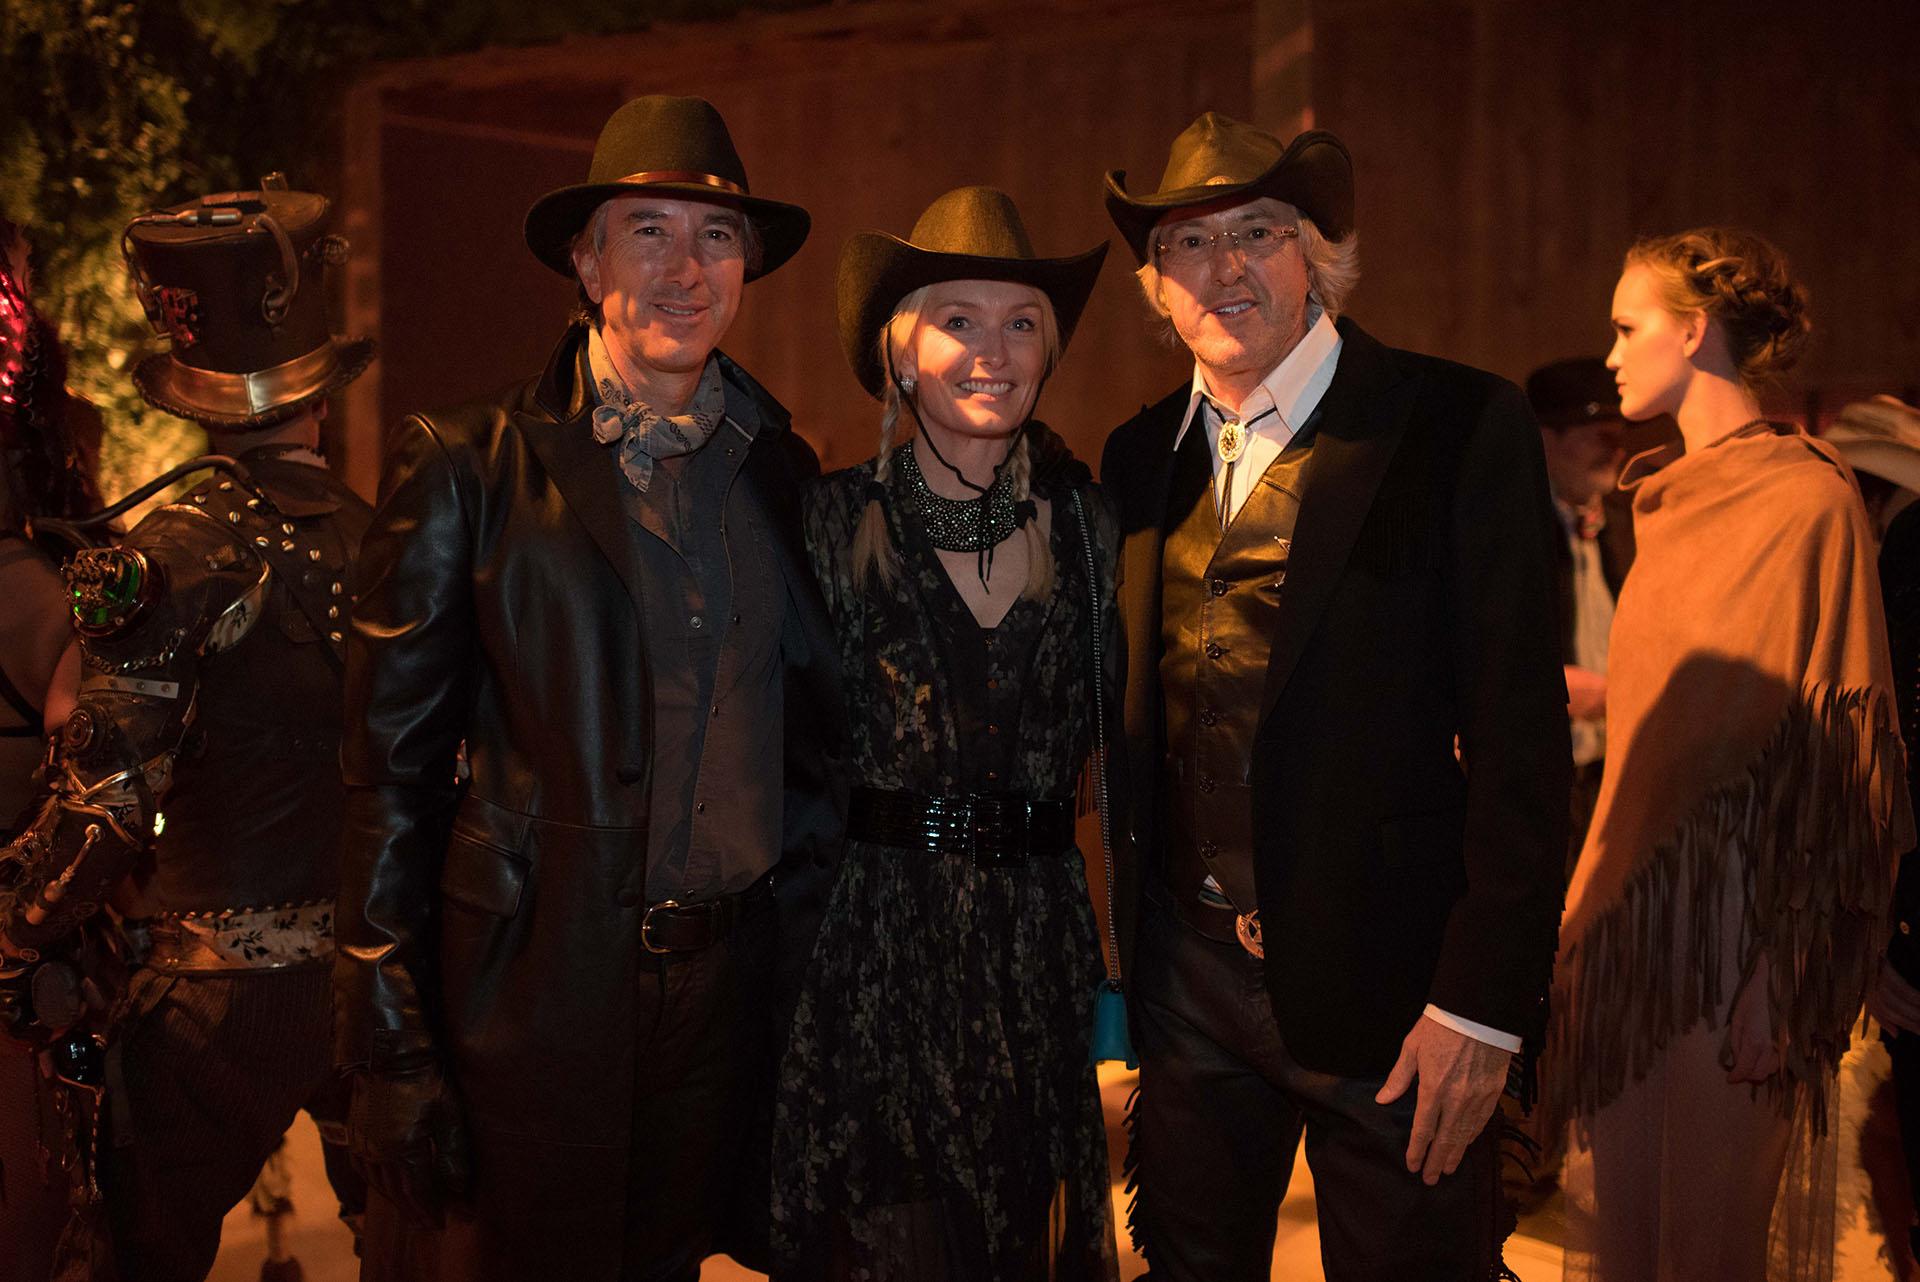 Alejandro Roemmers junto a su hermano Pablo y Catherine Roemmers, con vestimentas alusivas a la fiesta Far West.